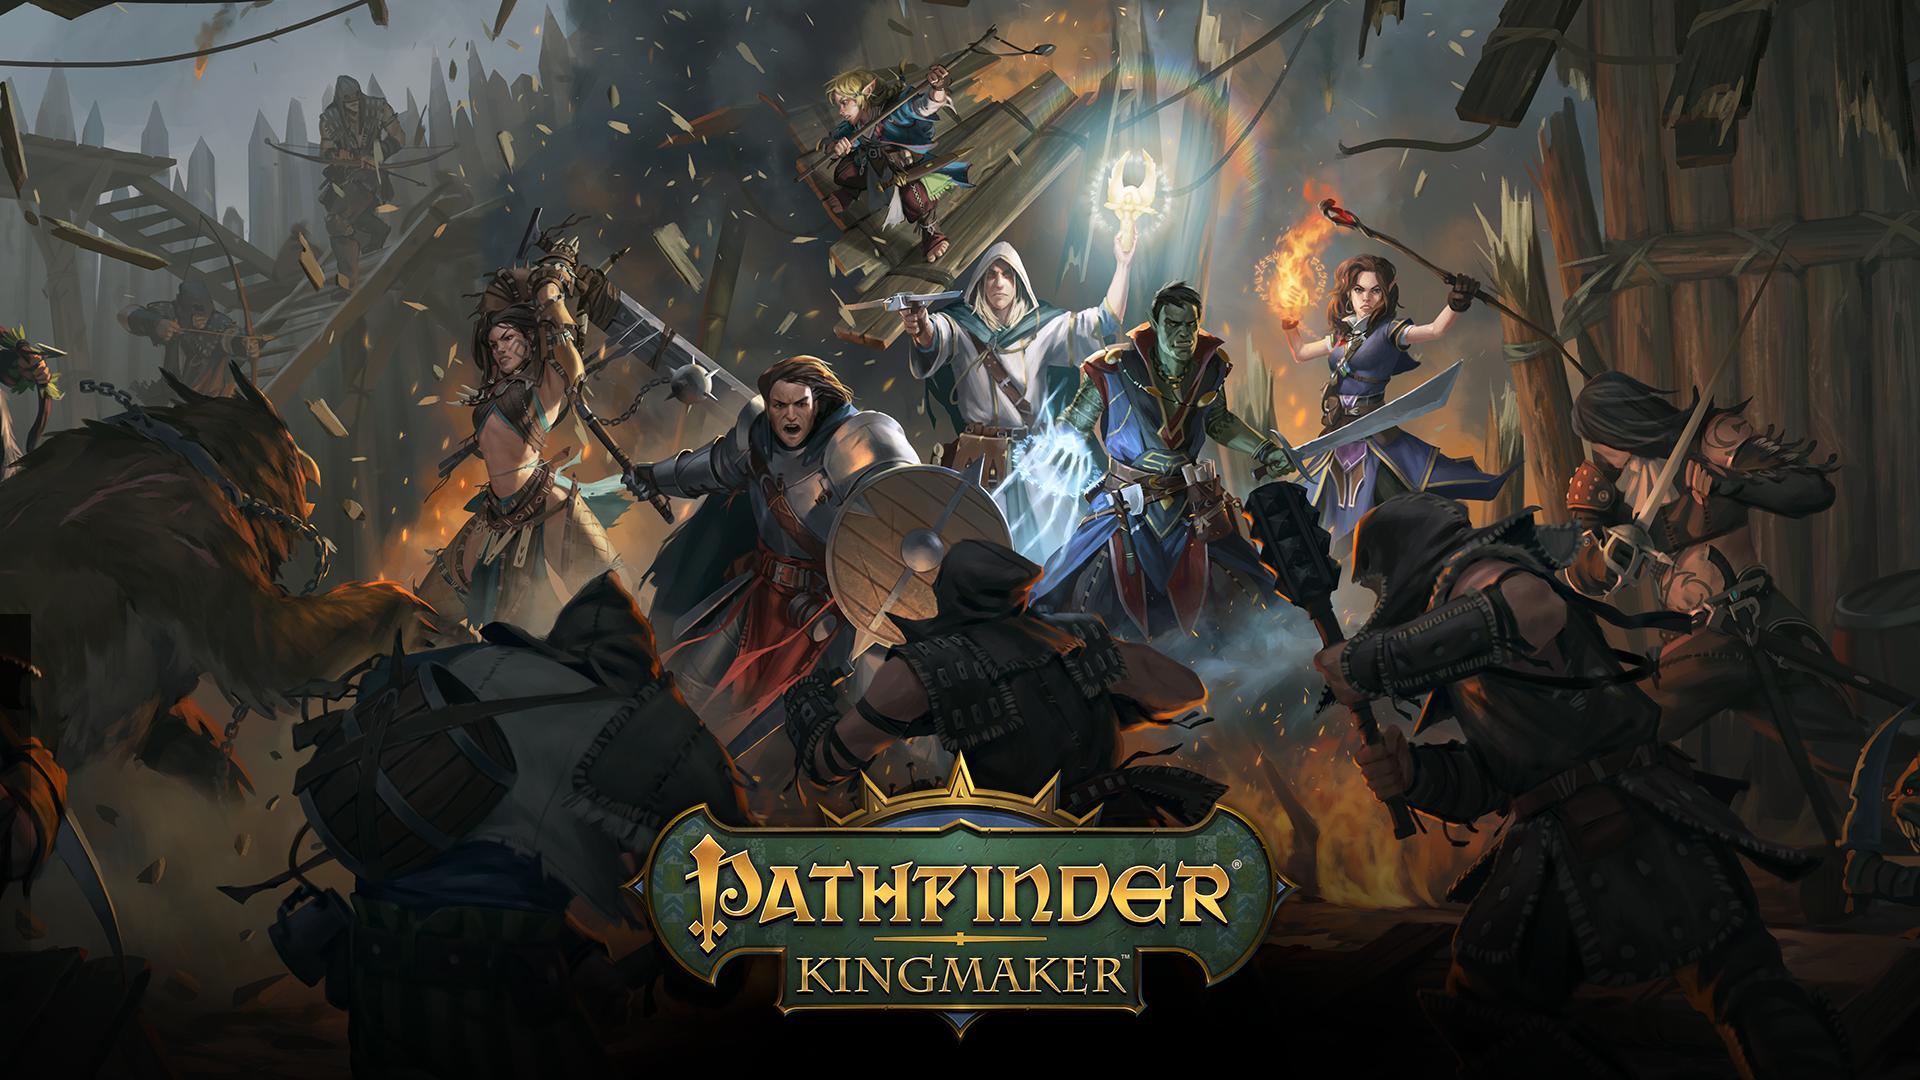 Российские разработчики выпустят компьютерную игру по вселенной Pathfinder